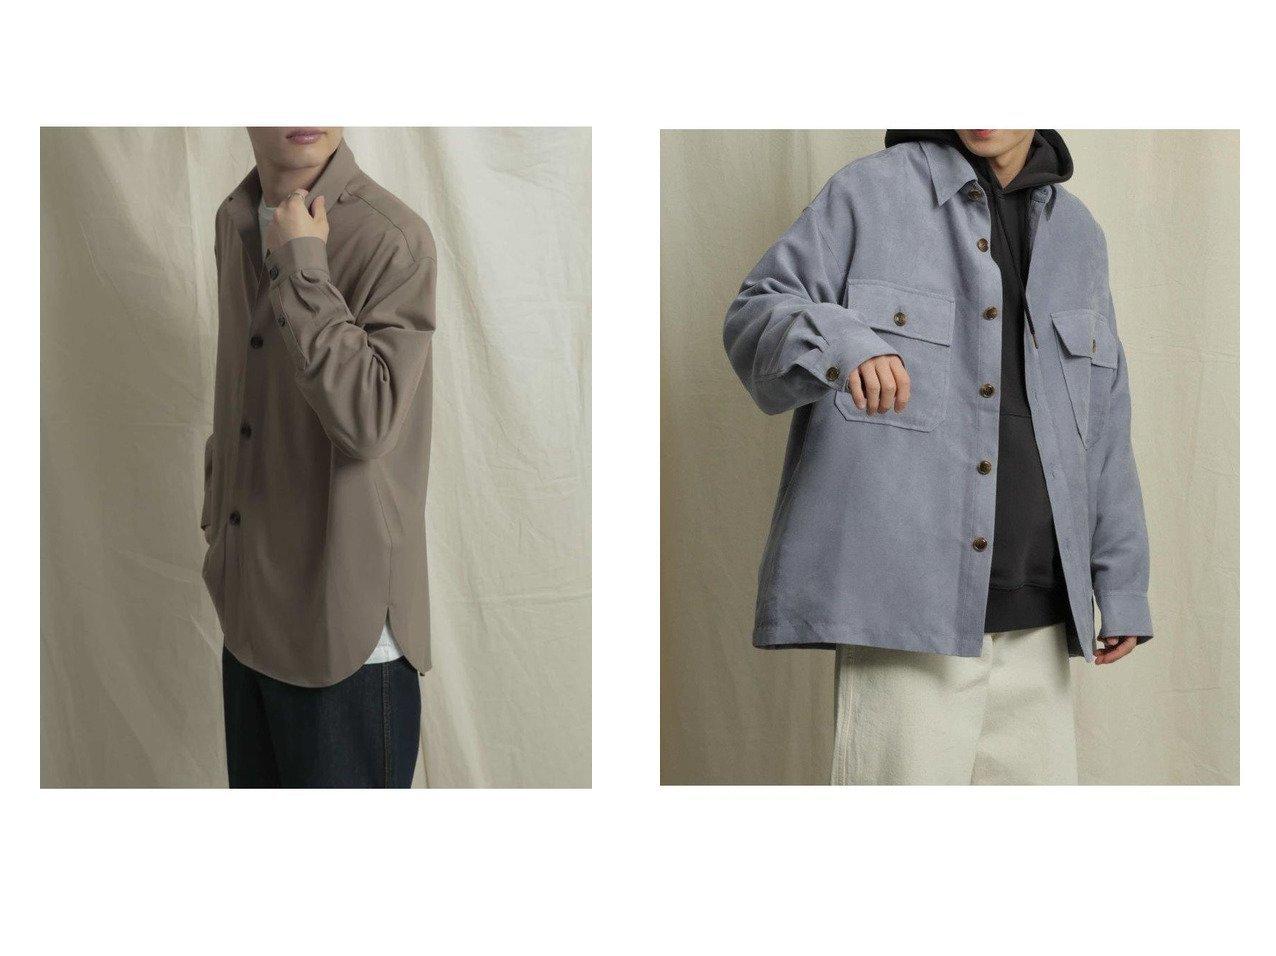 【SENSE OF PLACE / URBAN RESEARCH / MEN/センス オブ プレイス】のエコスエードCPOシャツ&CARREMANシャツ 【MEN】おすすめ!人気トレンド・男性、メンズファッションの通販 おすすめで人気の流行・トレンド、ファッションの通販商品 メンズファッション・キッズファッション・インテリア・家具・レディースファッション・服の通販 founy(ファニー) https://founy.com/ ファッション Fashion メンズファッション MEN スラックス セットアップ フランス ポケット ワイド シンプル スエード フェイクスエード プチプライス・低価格 Affordable 春 Spring  ID:crp329100000023113